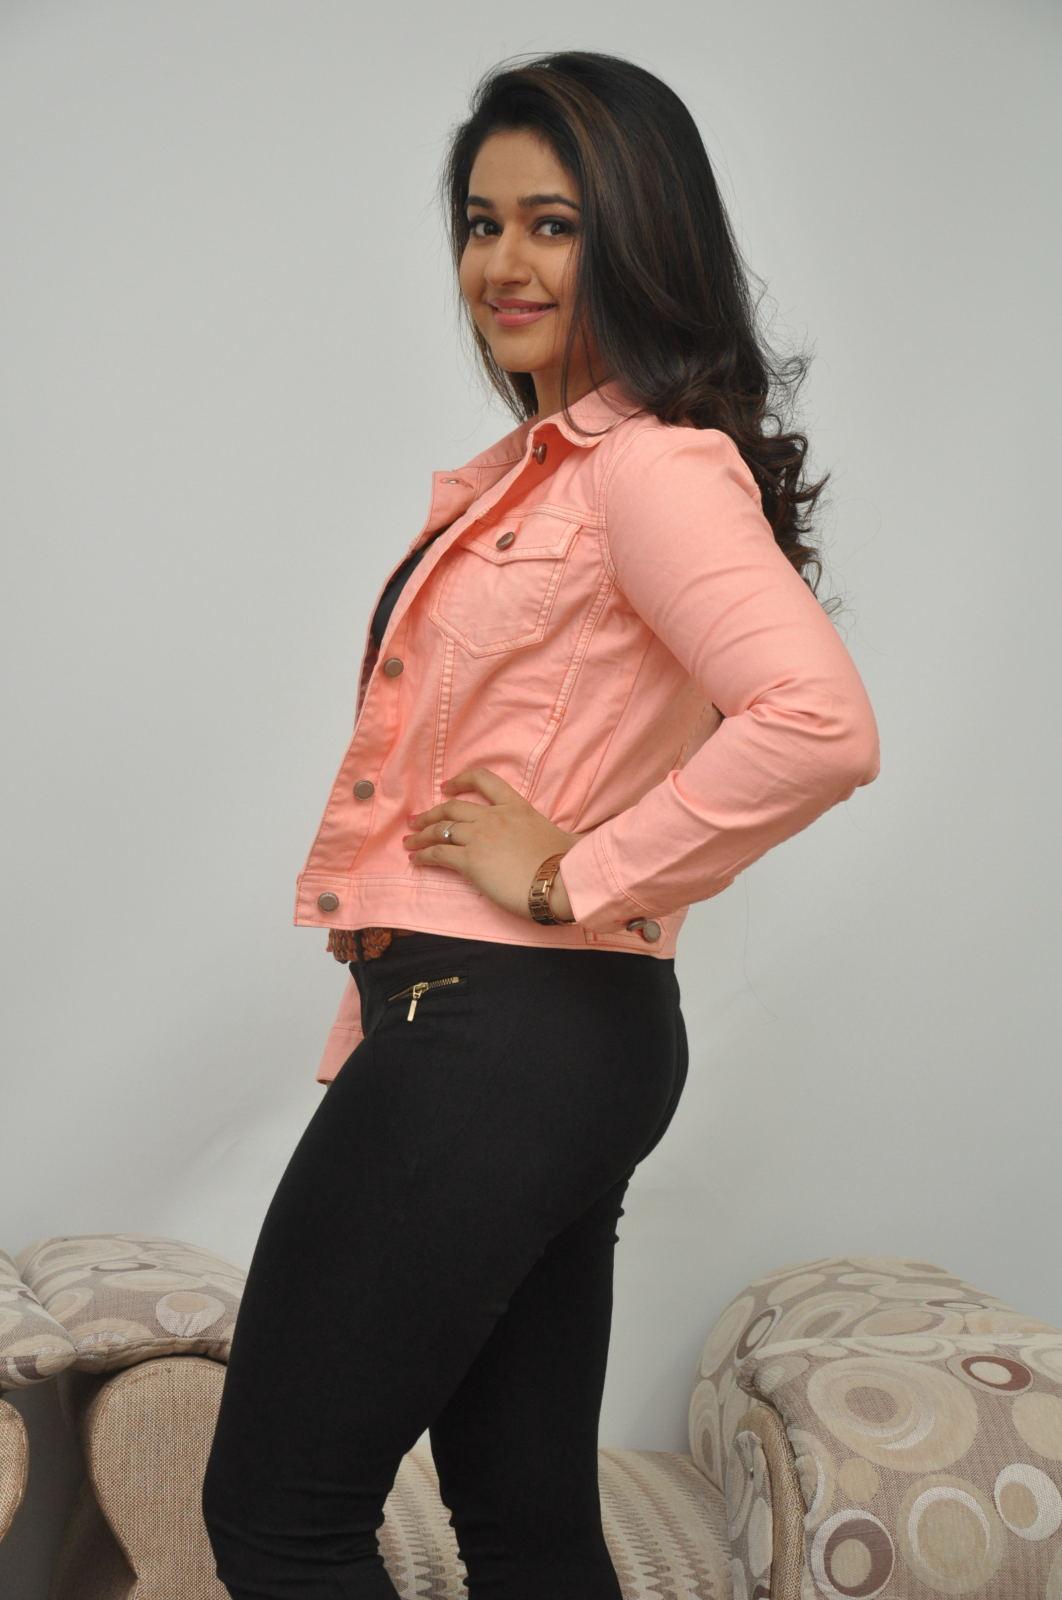 Poonam Bajwa sexy images